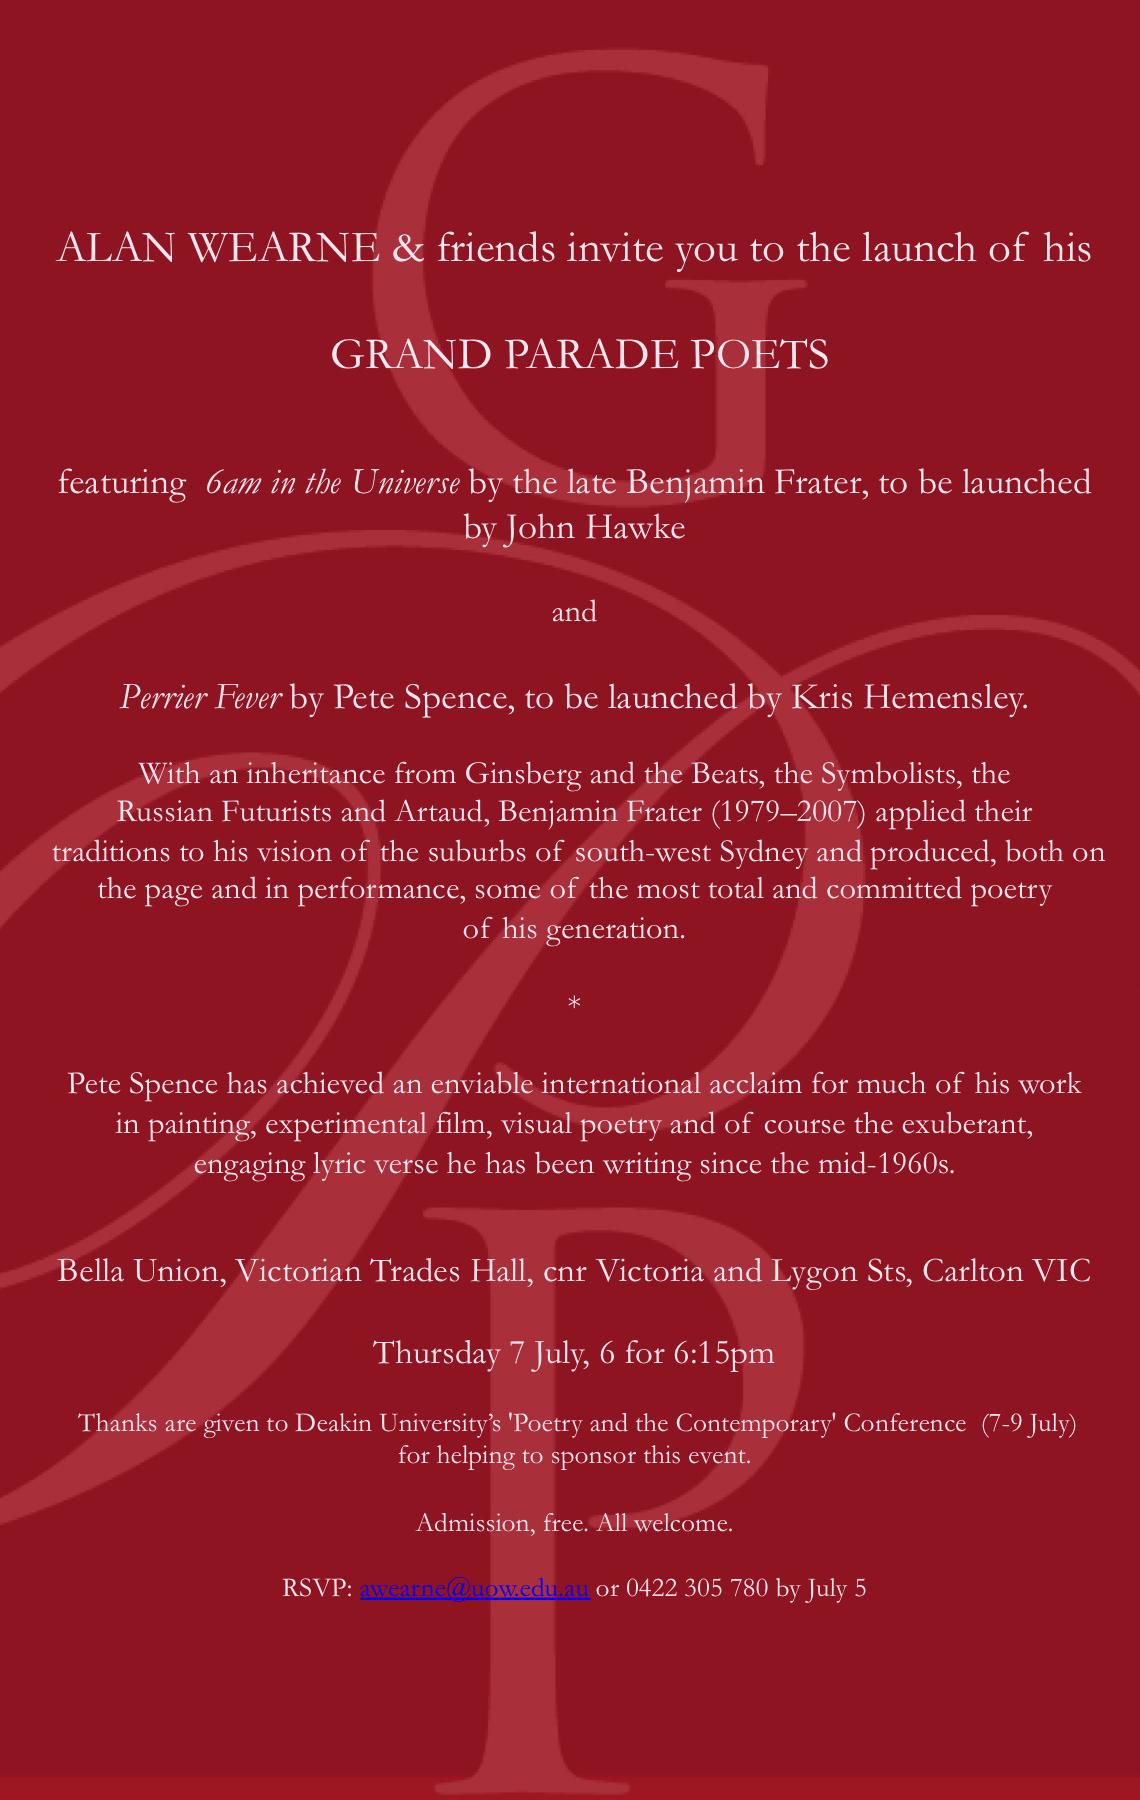 Grand Parade Launch Invite